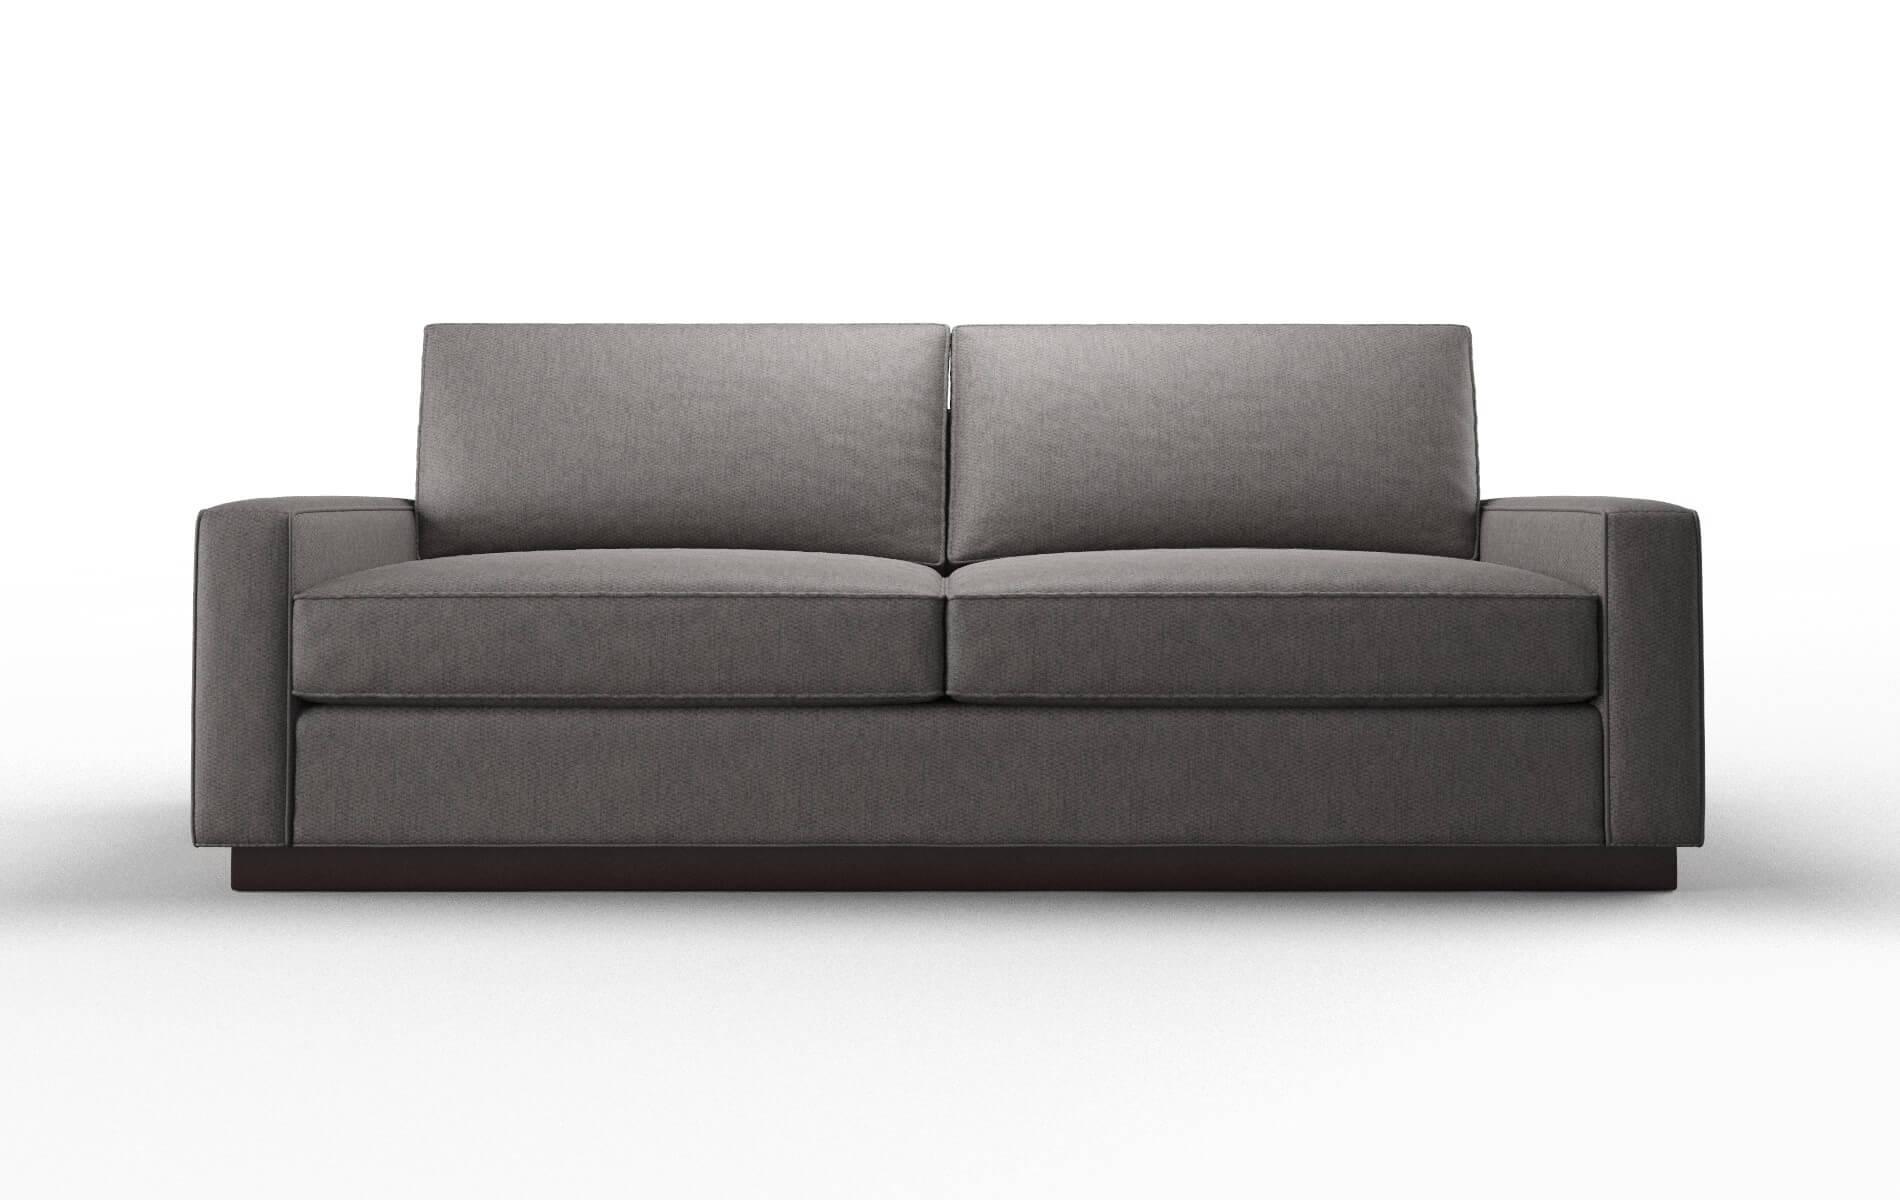 Alton Cosmo Charcoal Sofa espresso legs 1